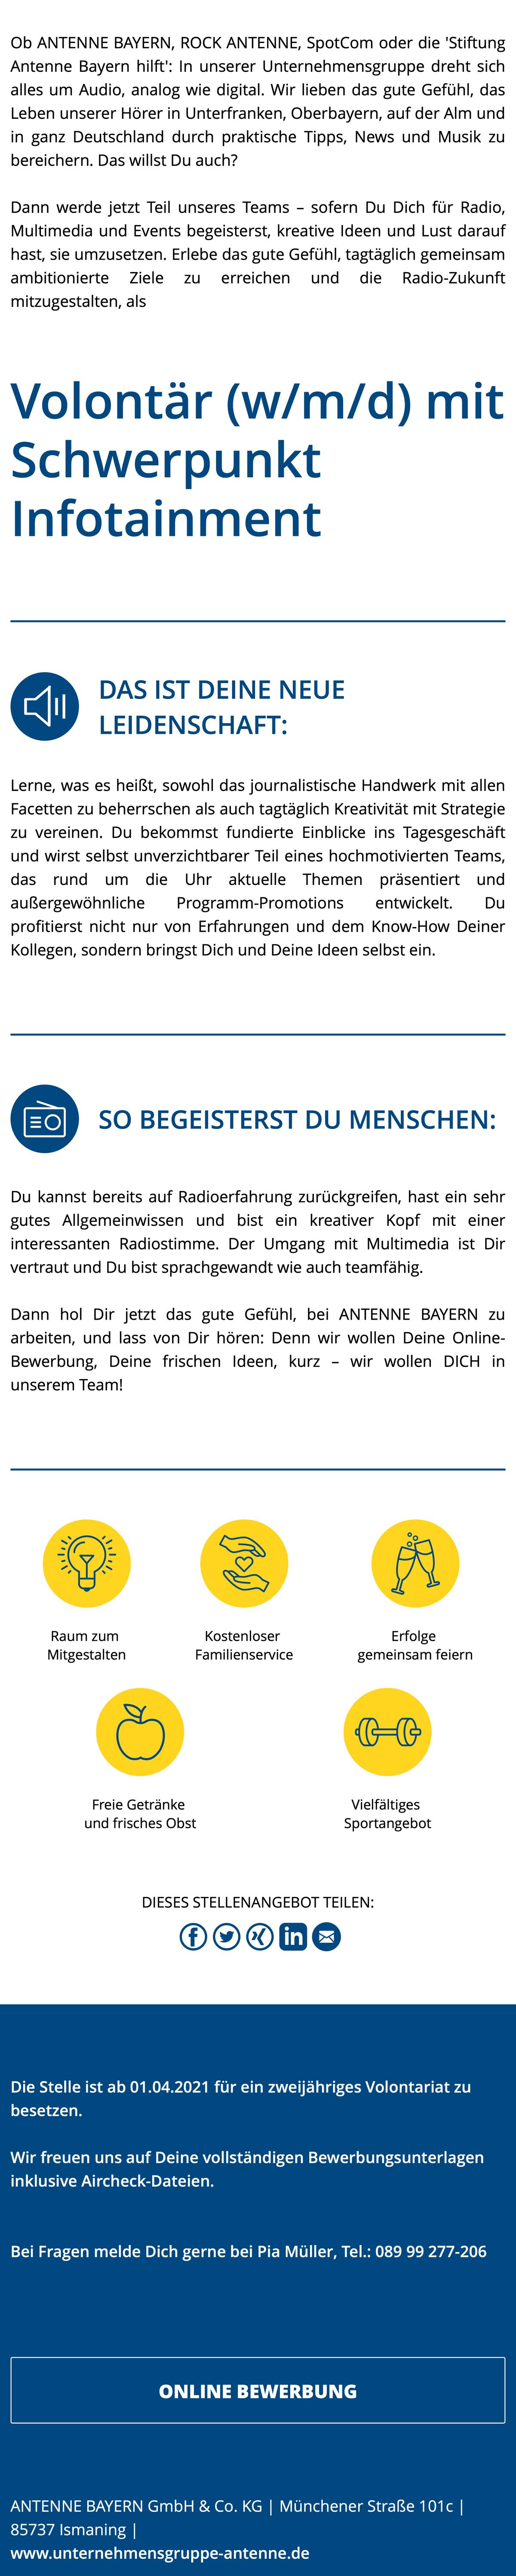 ANTENNE BAYERN sucht Volontär (w/m/d) mit Schwerpunkt Infotainment